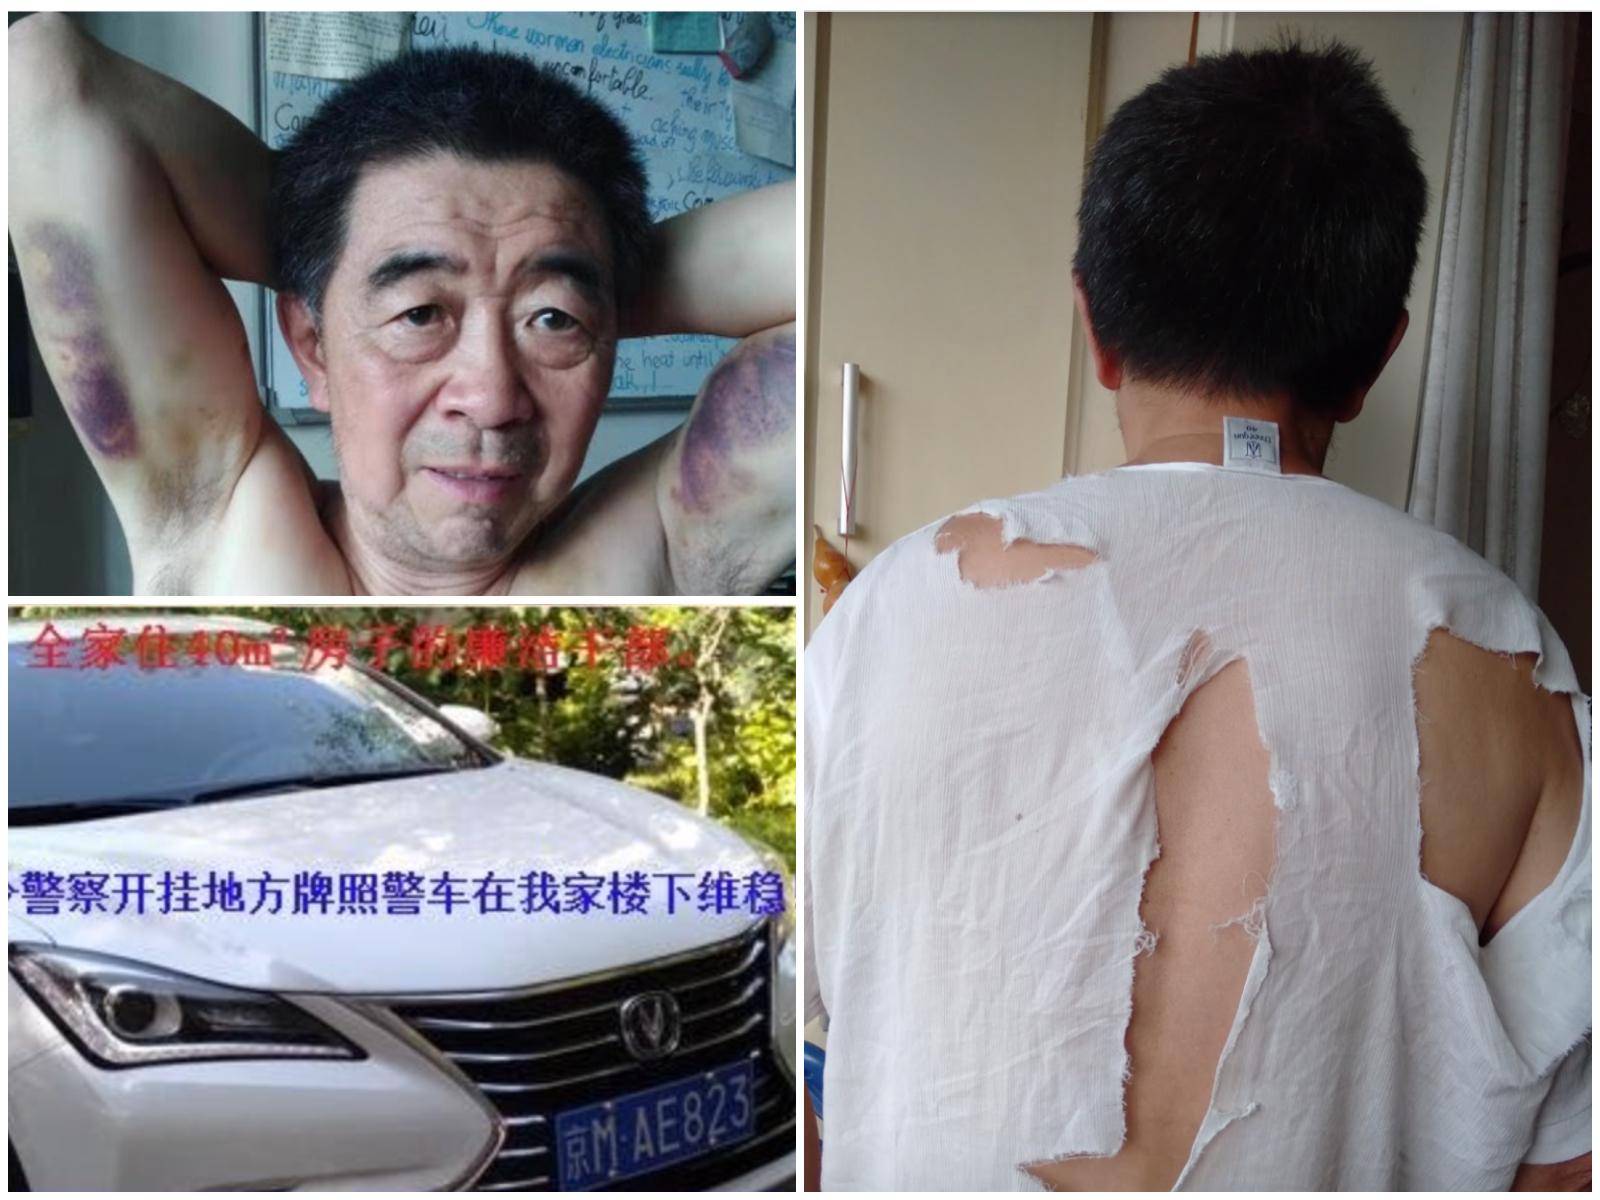 轉發疫情消息 北京68歲退休教授遭刑拘